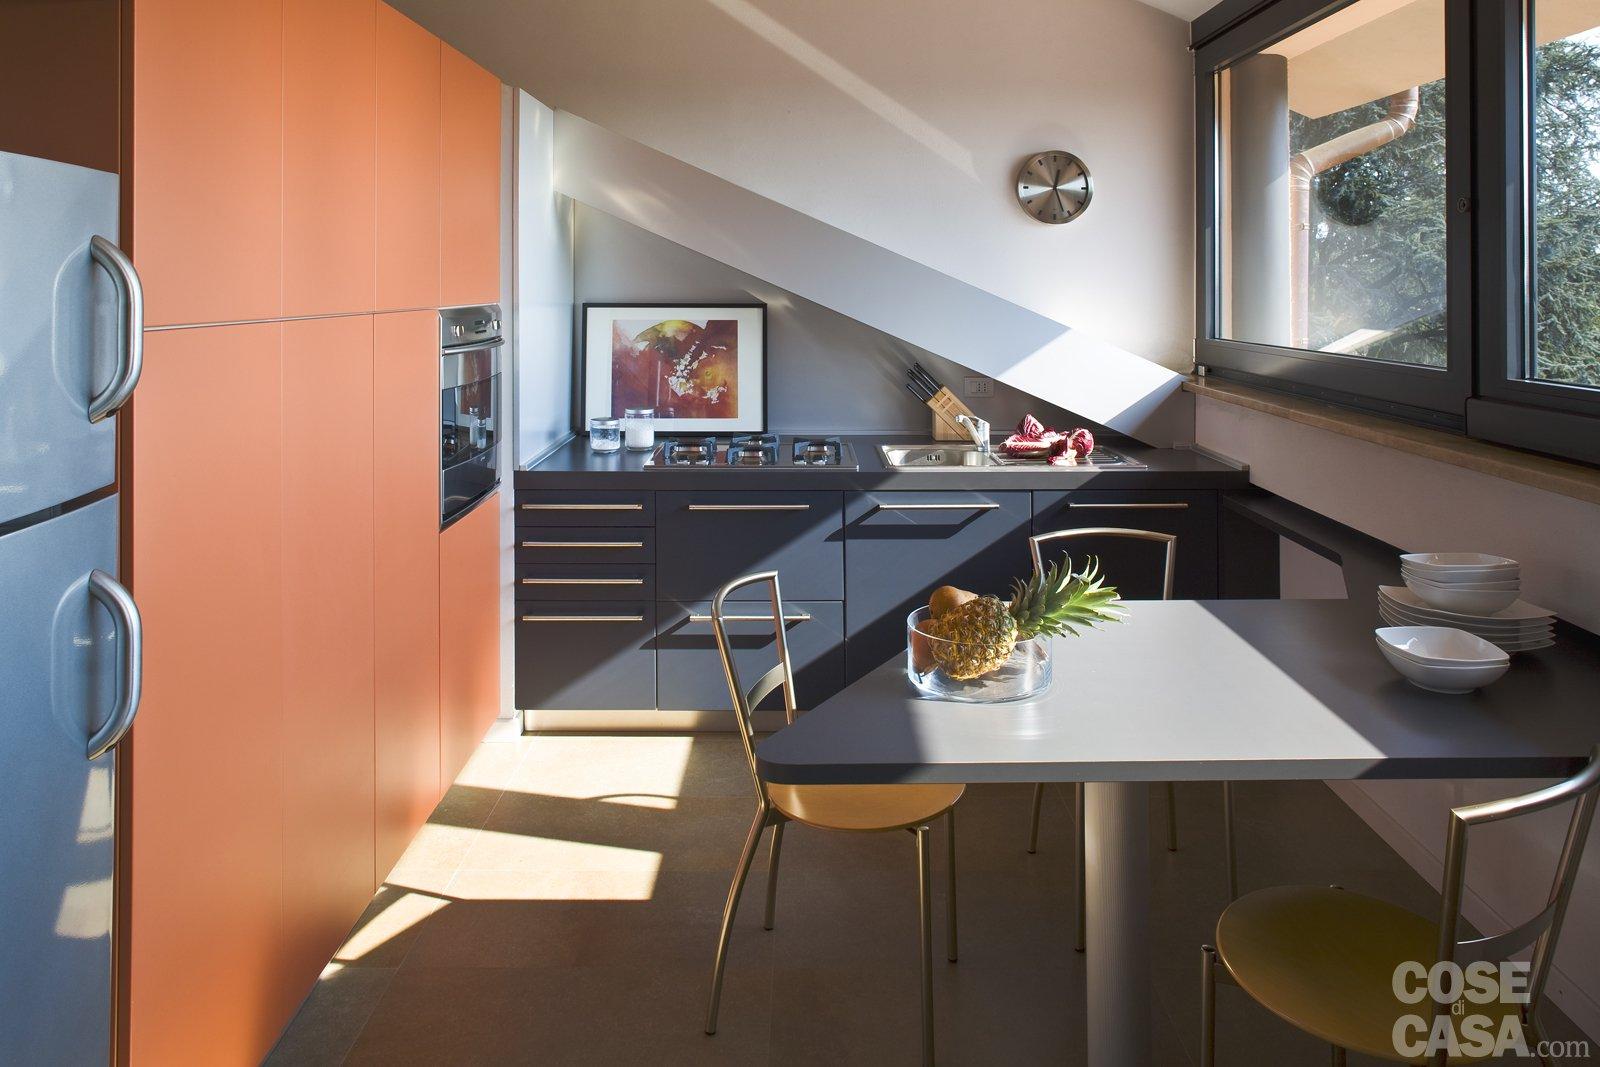 Casa in mansarda con le soluzioni giuste per gli spazi - Cucine per mansarde ...